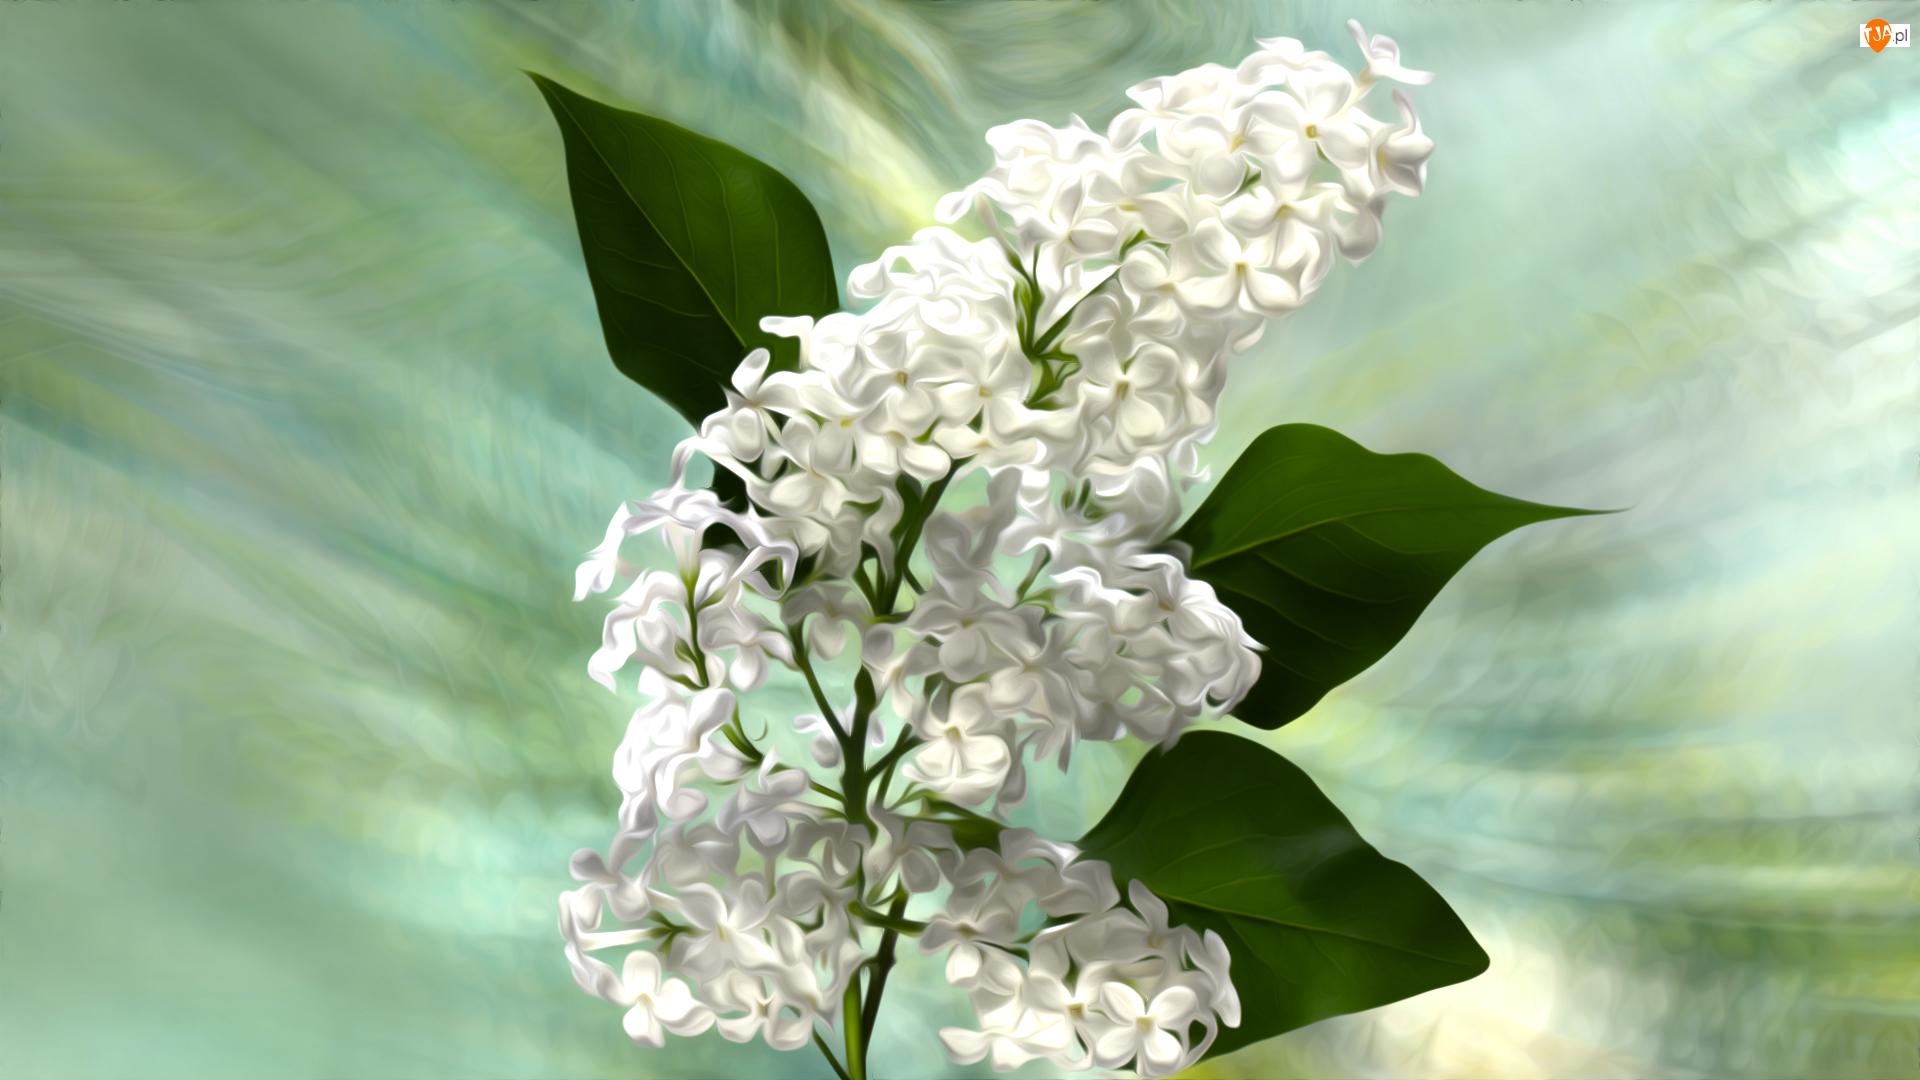 Bez, Grafika, Biały, Kwiaty, Gałązka